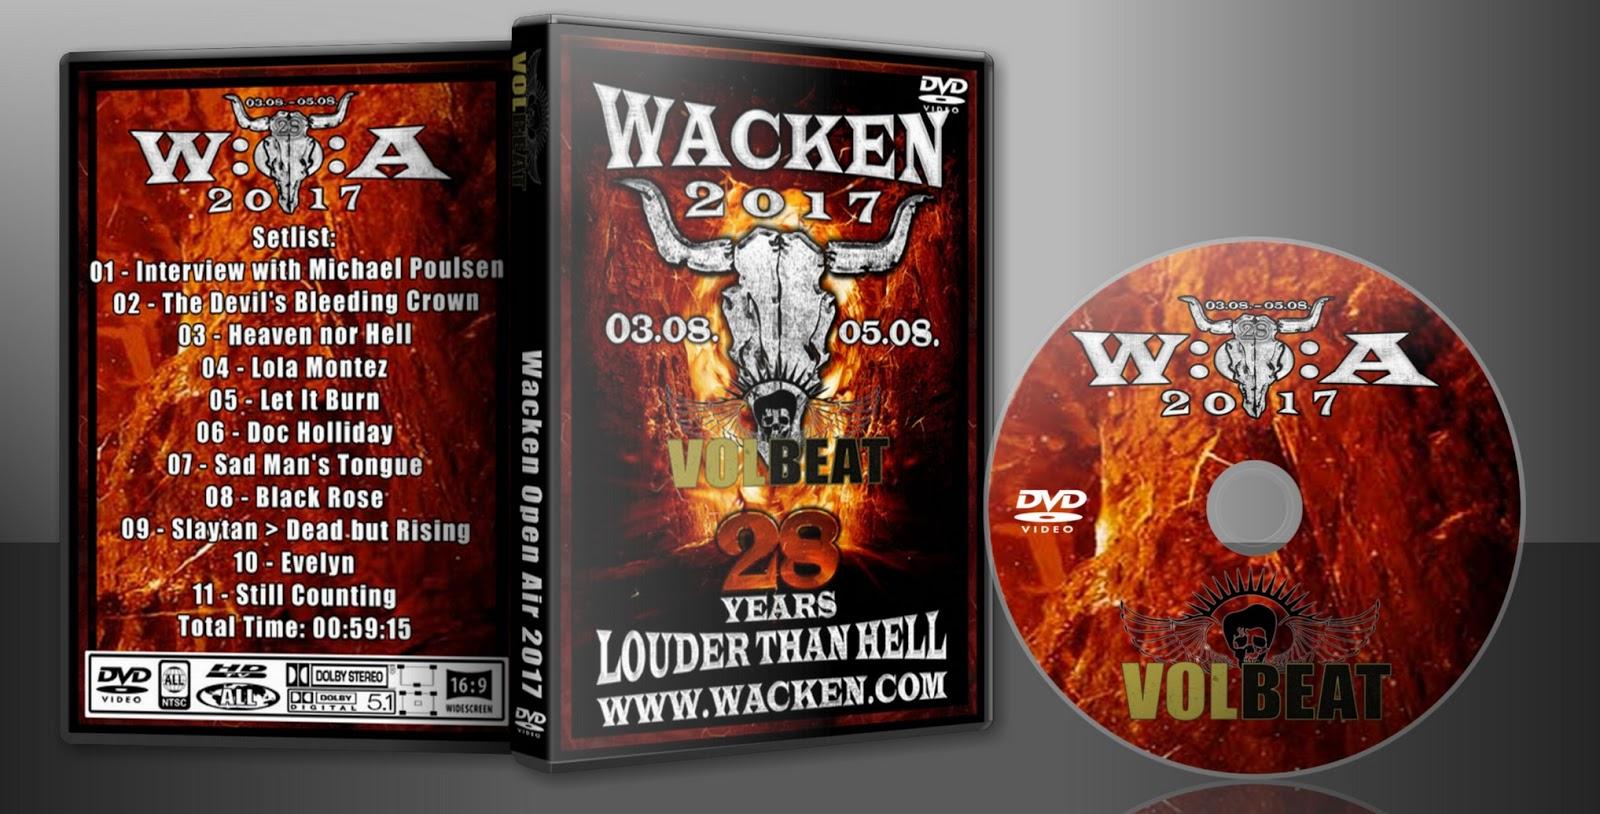 Deer5001RockCocert : Volbeat - Wacken Open Air - 2017-08-03